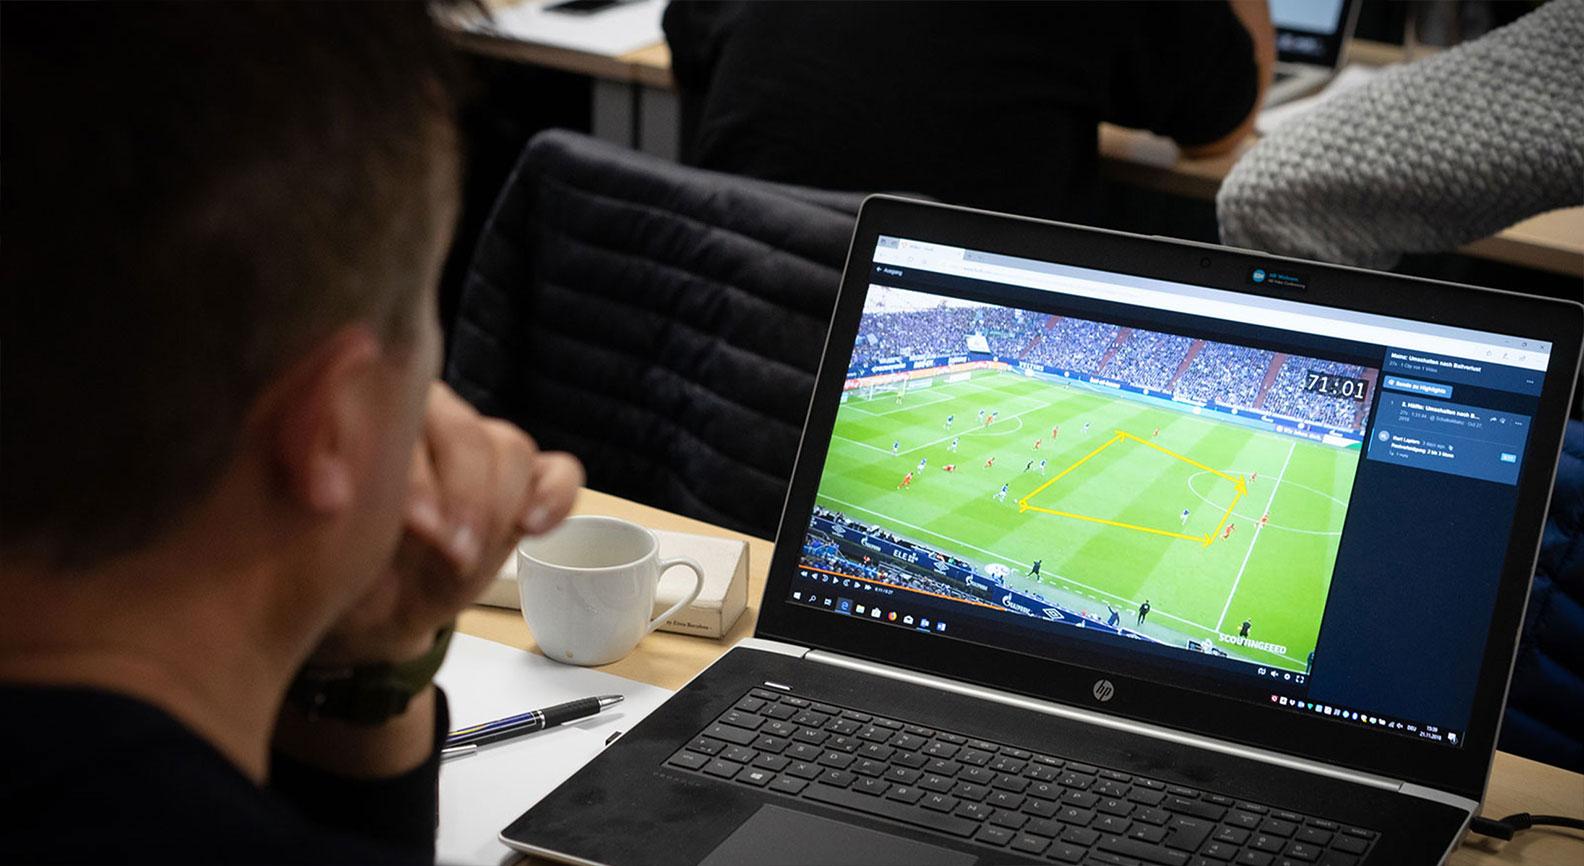 Mann analysiert Fussballspiel auf Laptop